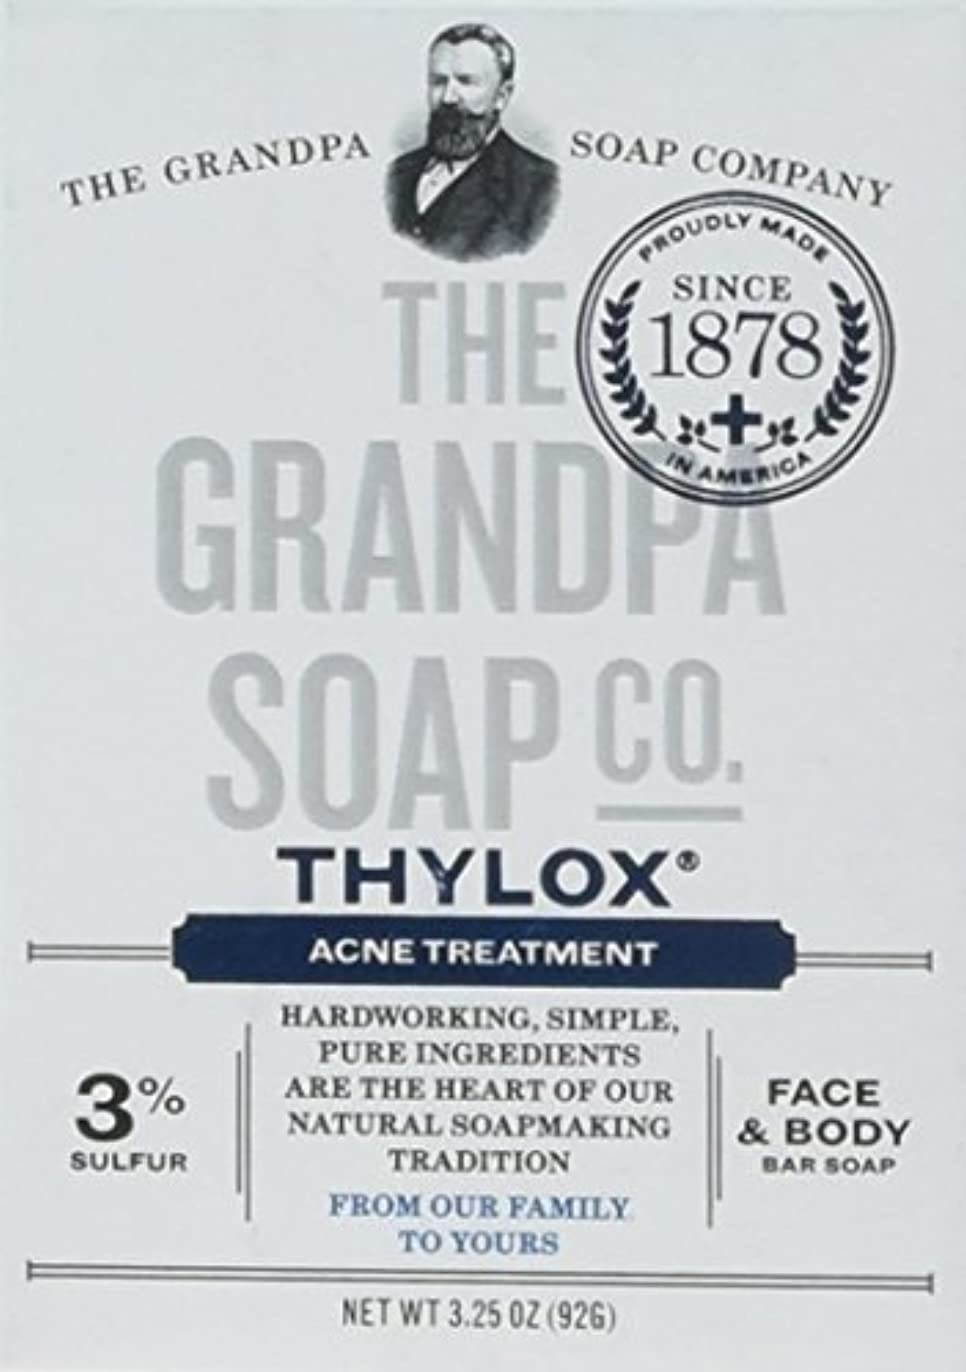 貧しいエスカレート概してThe Grandpa Soap Company おじいちゃんのSOAP、THYLOXにきびTRTMNT、3.25 OZ、6パック